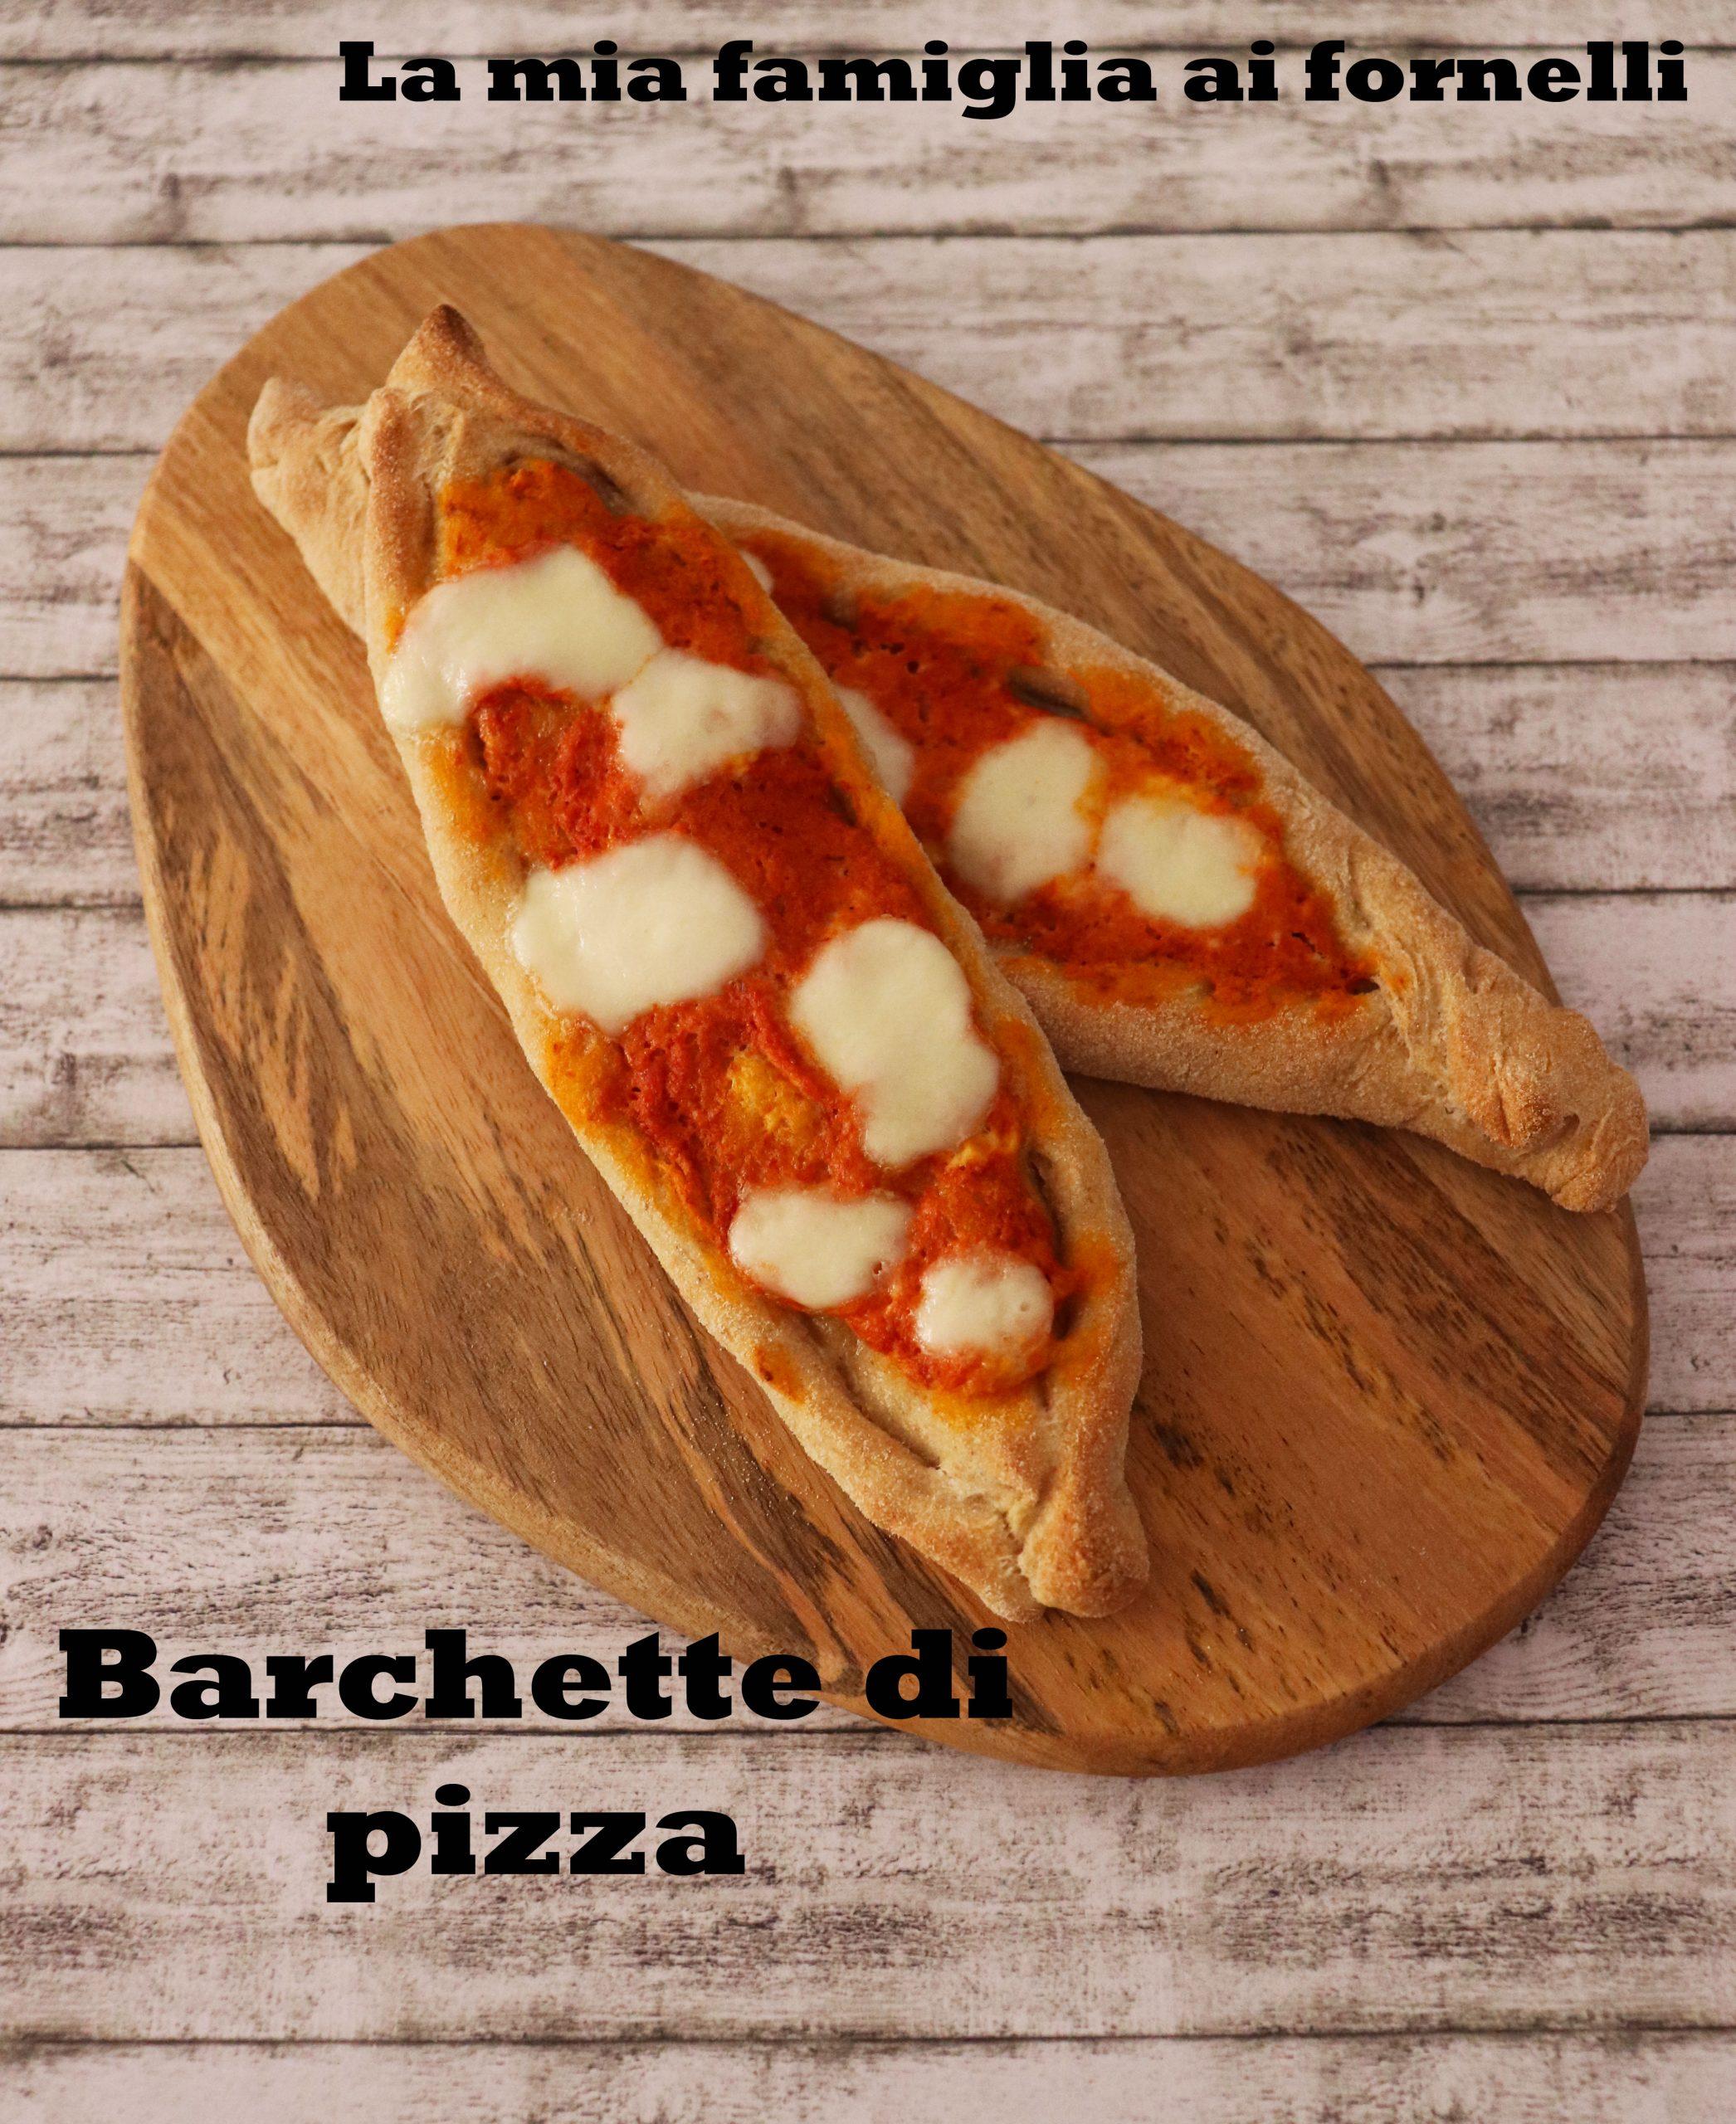 Barchette di pizza